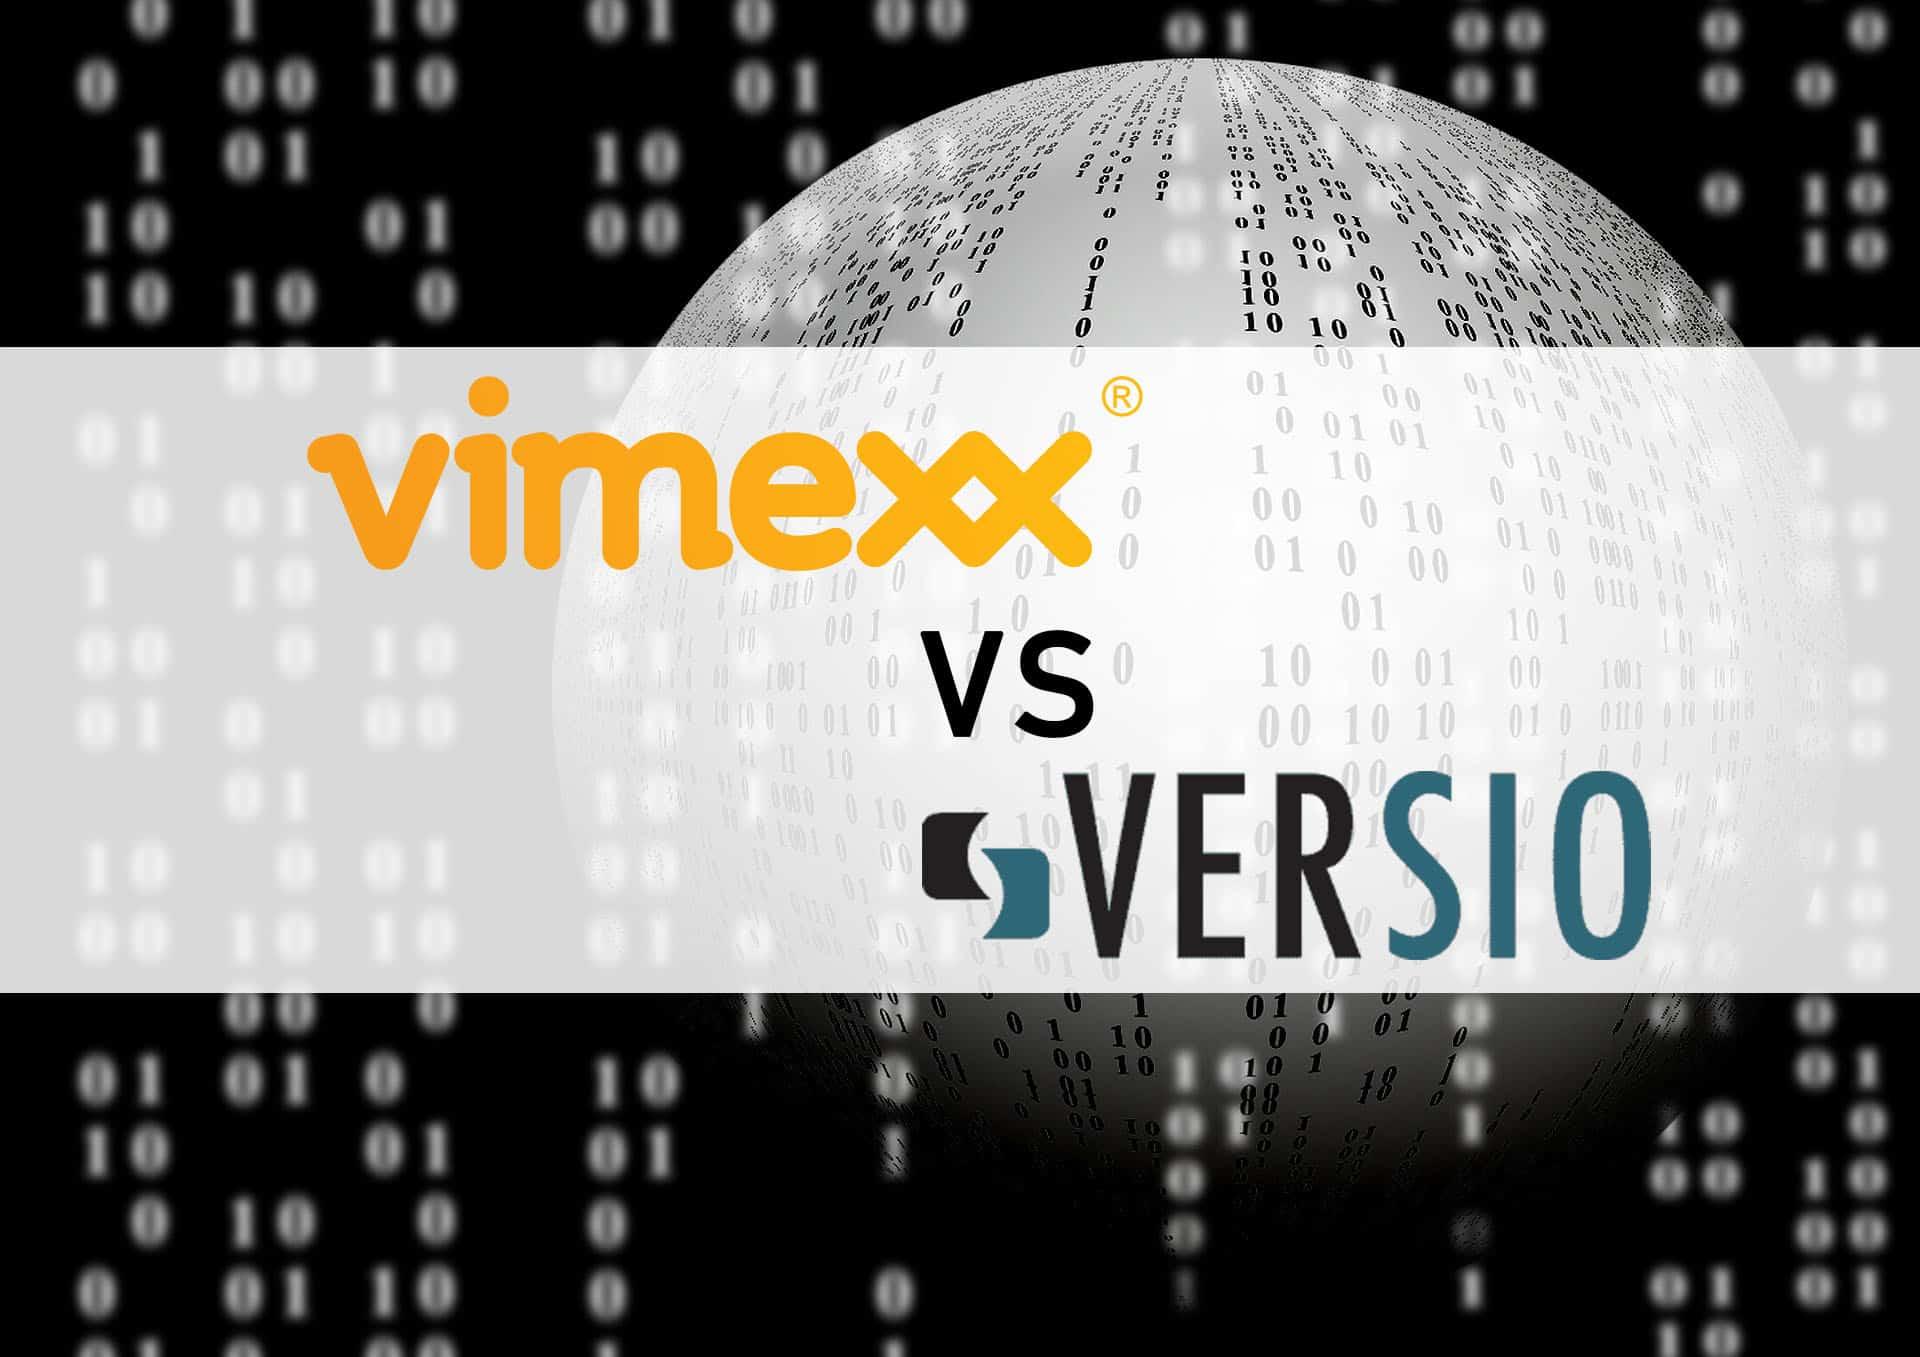 Vimexx versus Versio webhosting domeinnamen